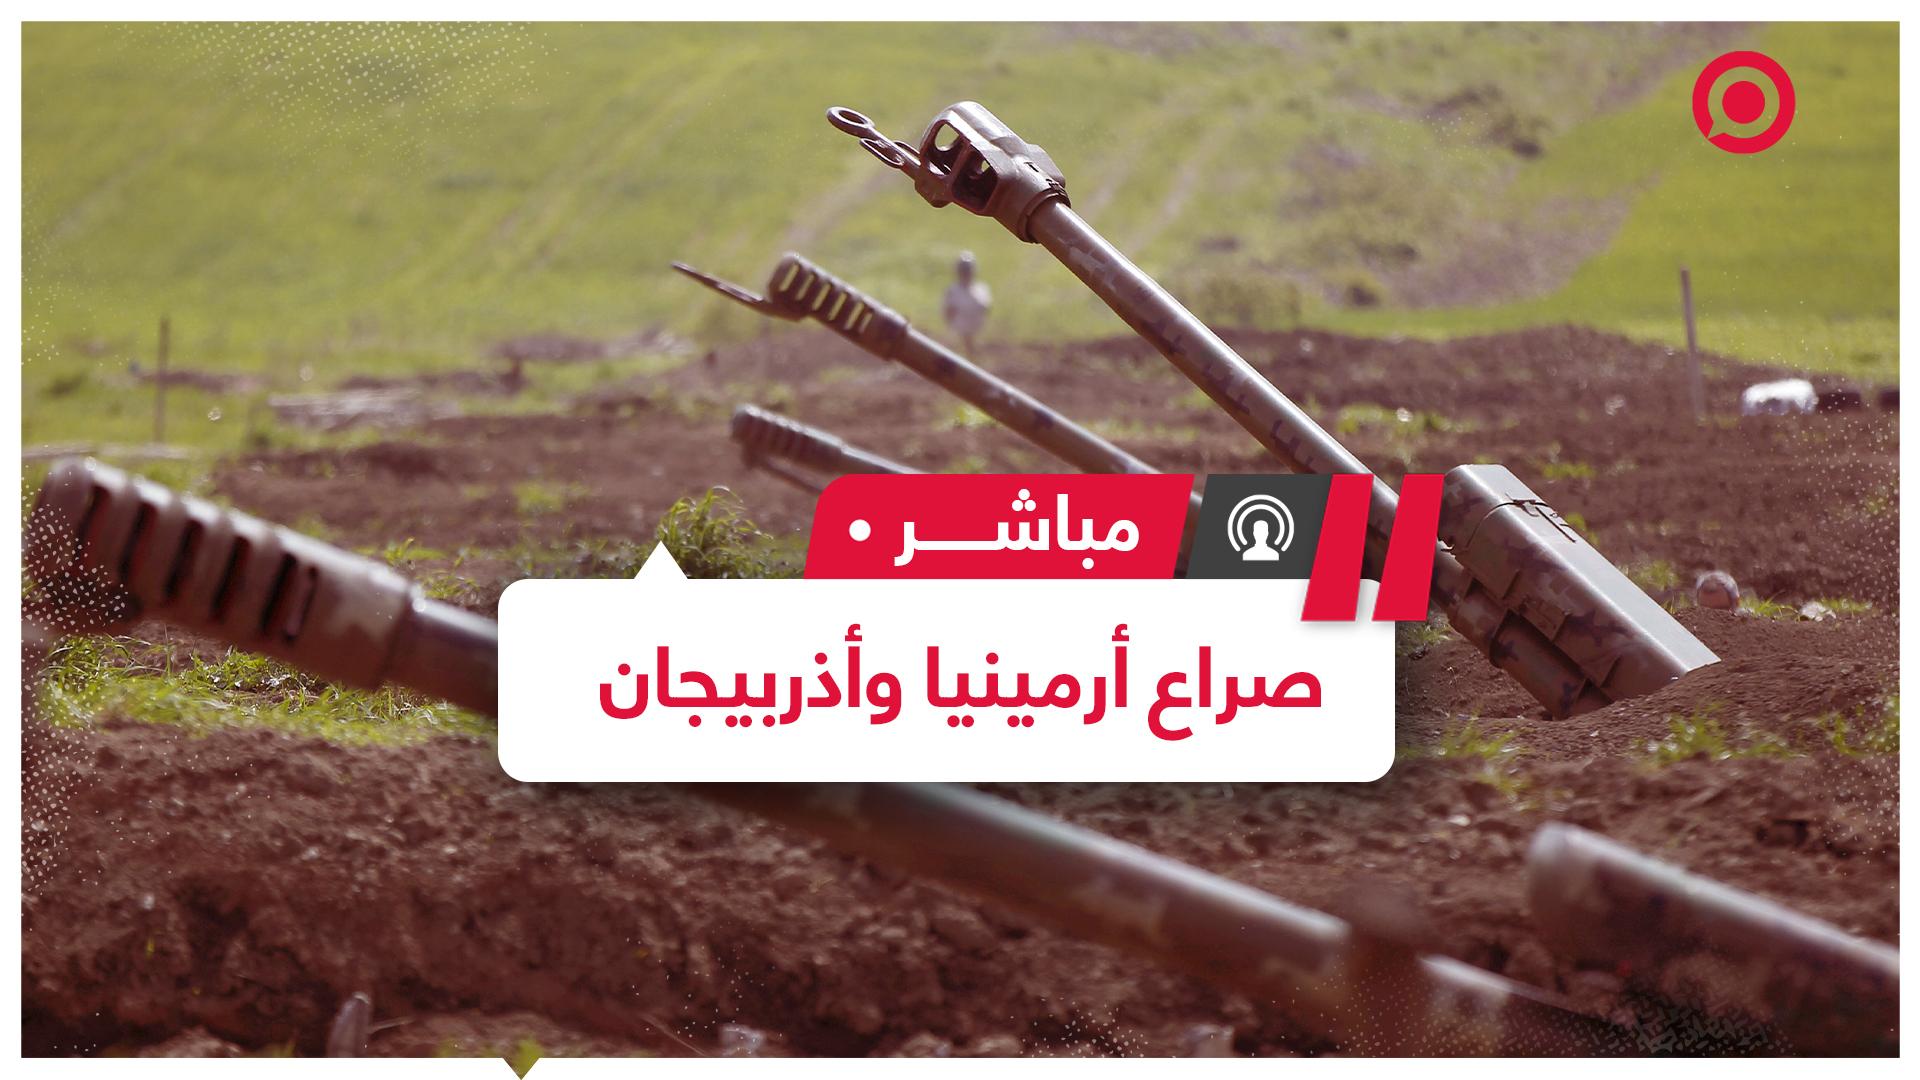 النزاع في قره باغ.. أذربيجان تعلن الحرب وأرمينيا تتهم تركيا بالضلوع في الصراع